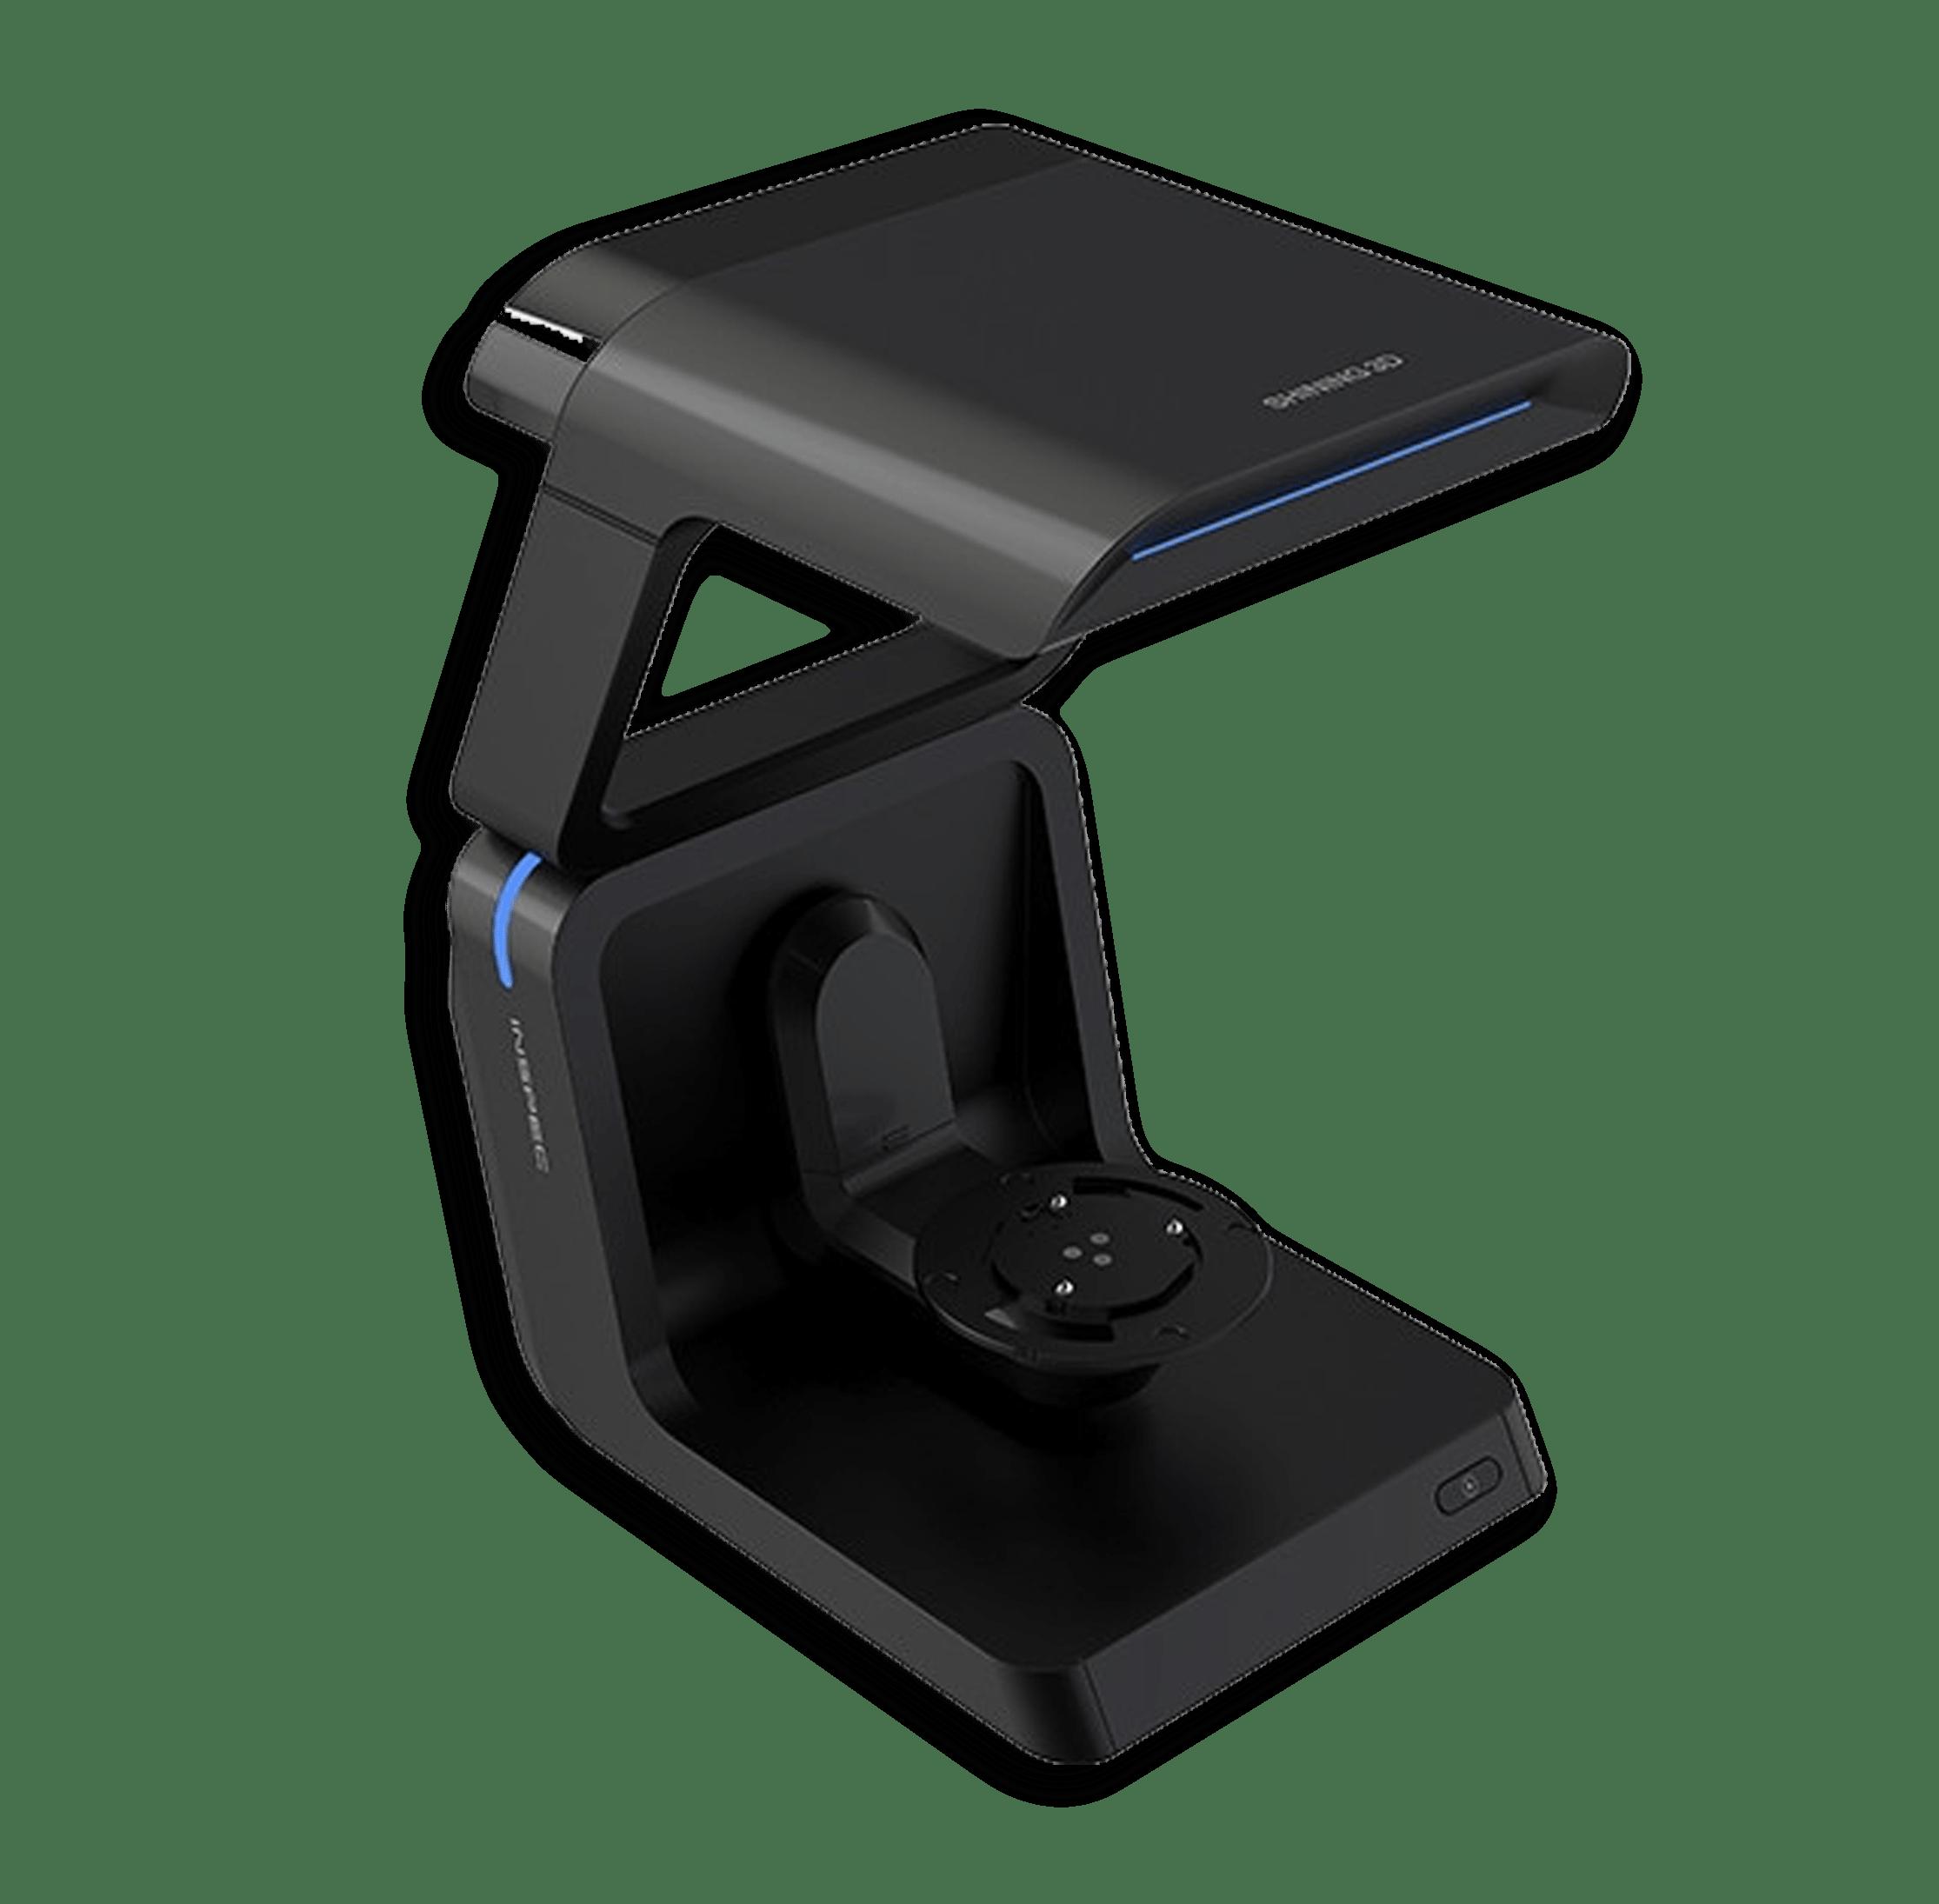 vendita-scanner-3d-fissi-autoscan-inspect-vger